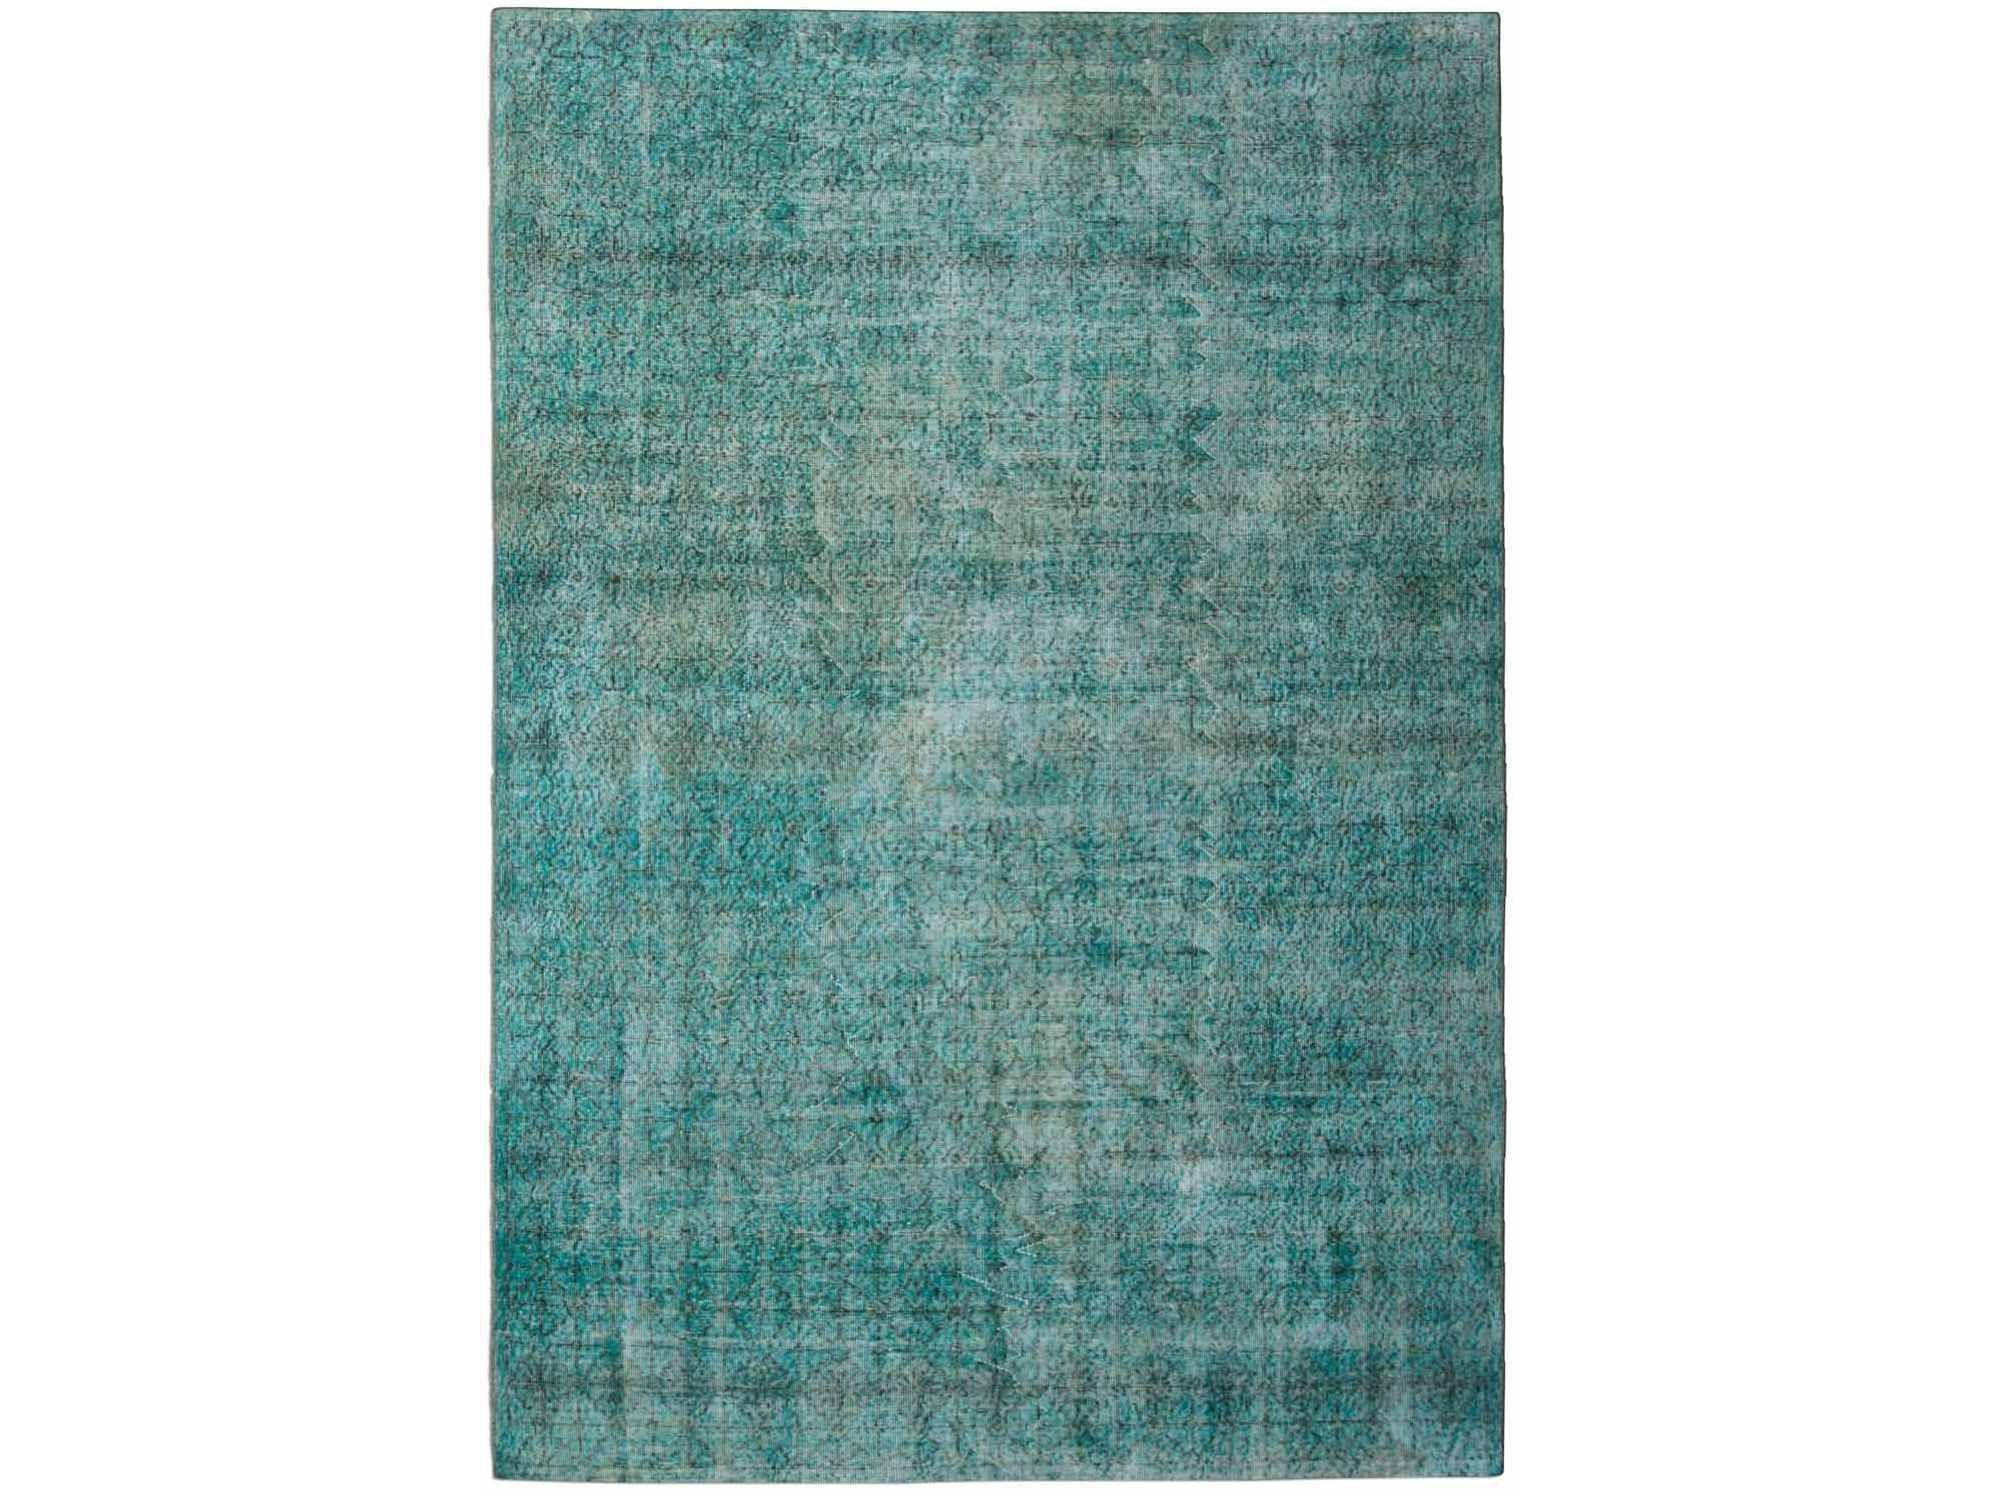 Ковер PatchworkПрямоугольные ковры<br>Винтажный ковер ручной работы в стиле &amp;quot;пэчворк&amp;quot; <br>из 100% шерсти. Ковер прекрасно подходит в <br>любые современные и классические интерьеры, <br>а благодаря толщине ковра всего 5 мм. и отсутствию <br>ворса, его легко чистить любыми видами пылесосов. <br>Этот настоящий ковер ручной работы не потеряет <br>своих красок и будет служить десятилетия.<br><br>Material: Шерсть<br>Width см: 203<br>Depth см: 295